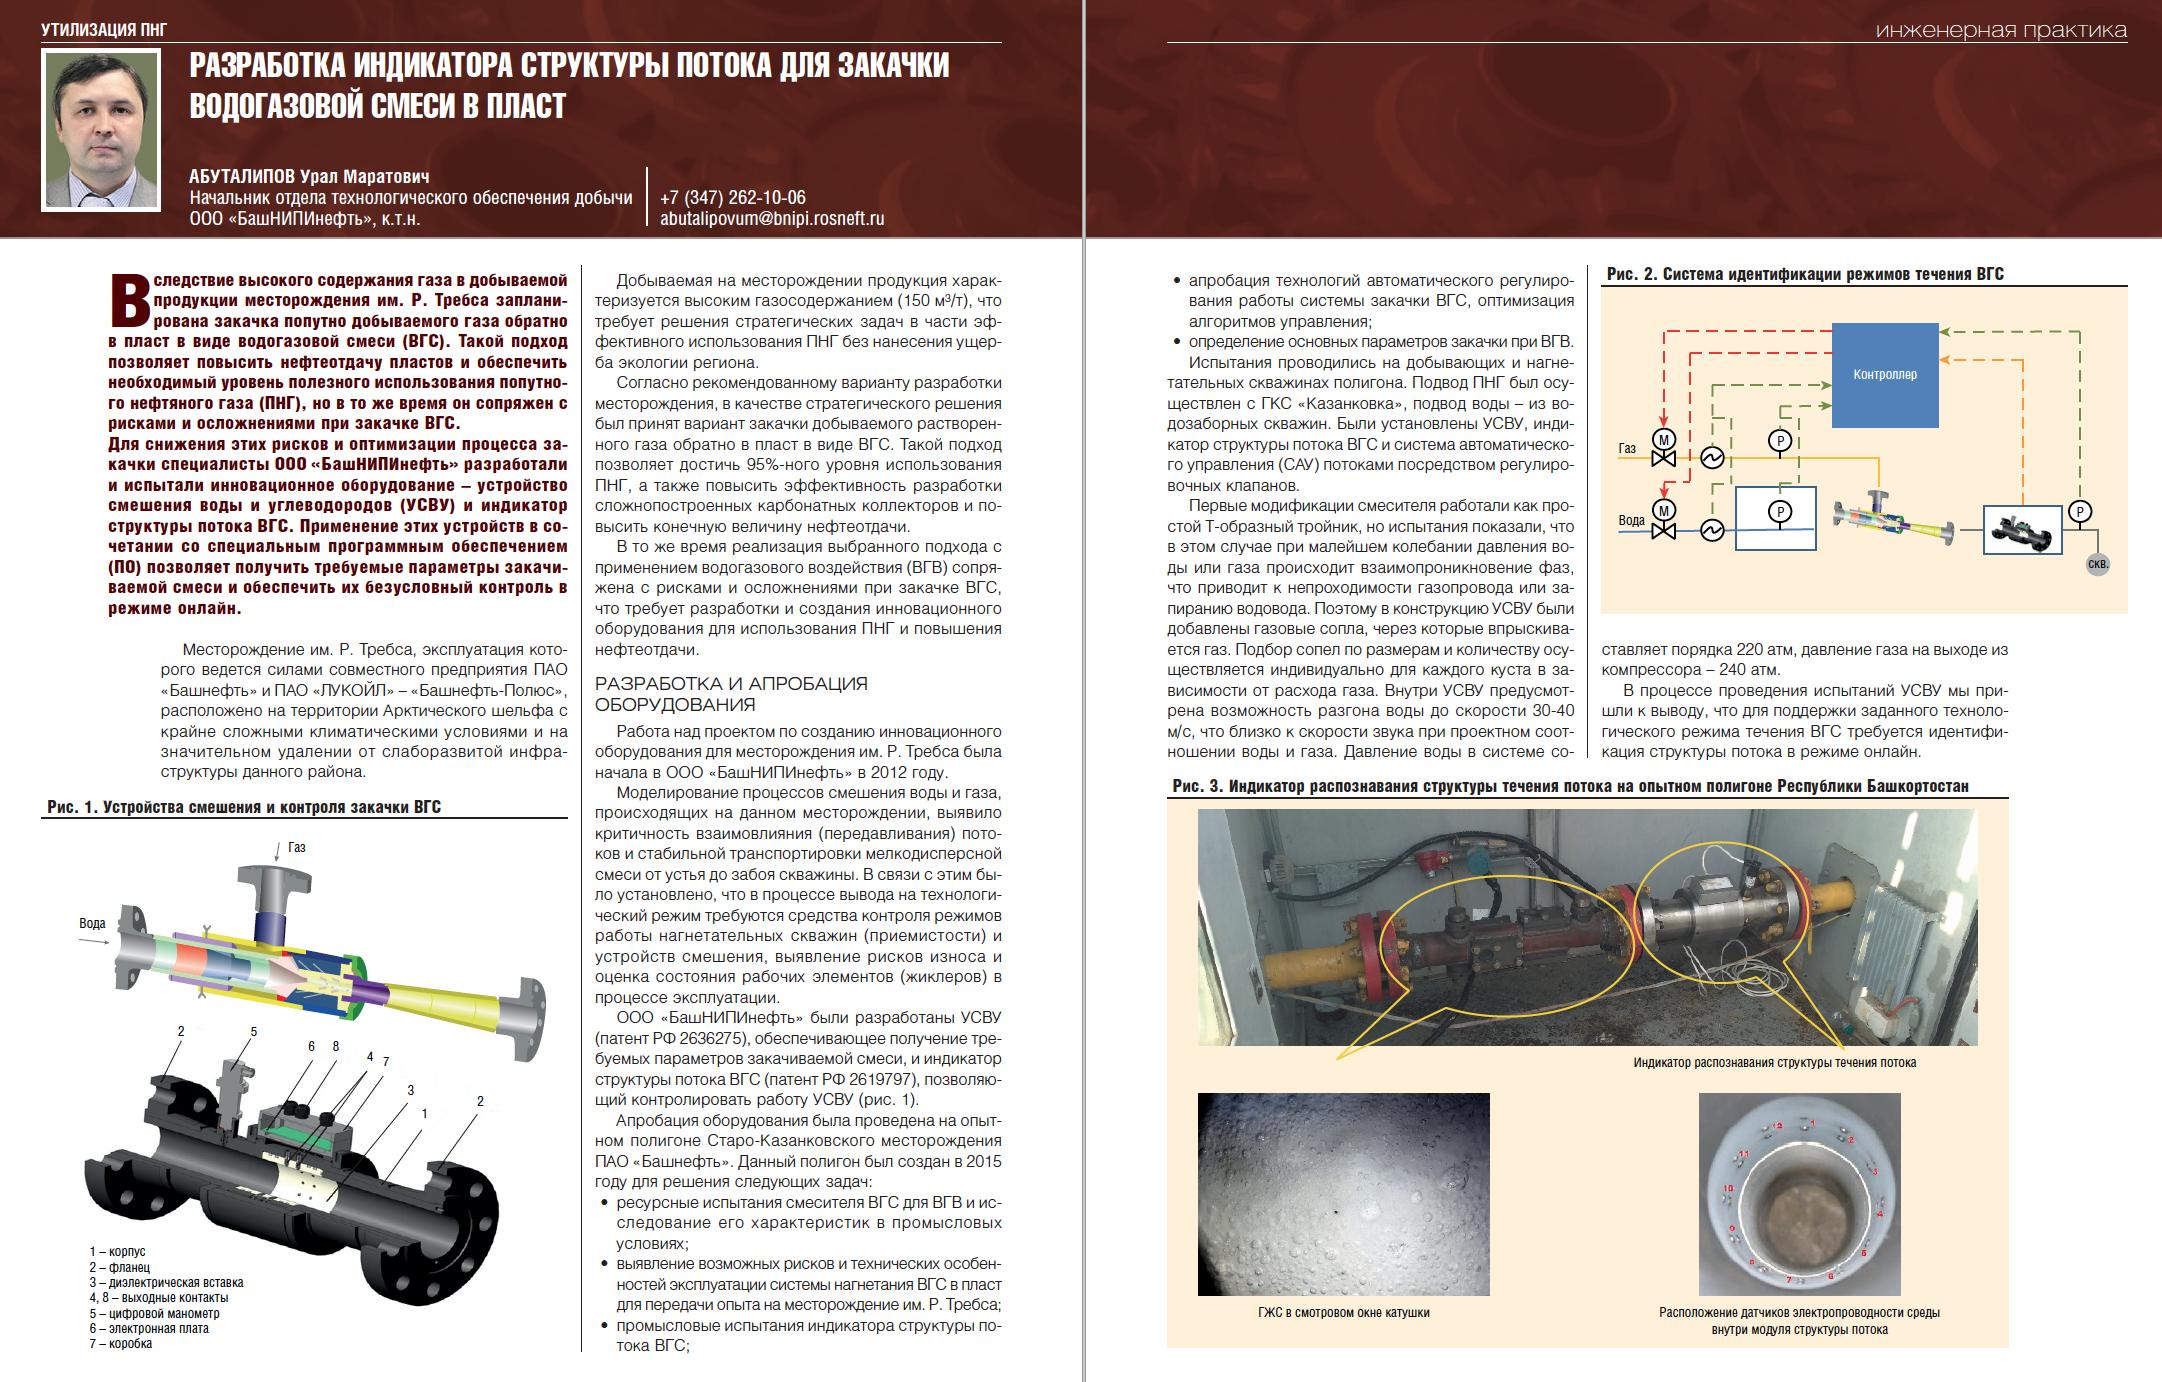 34773 Разработка индикатора структуры потока для закачки водогазовой смеси в пласт